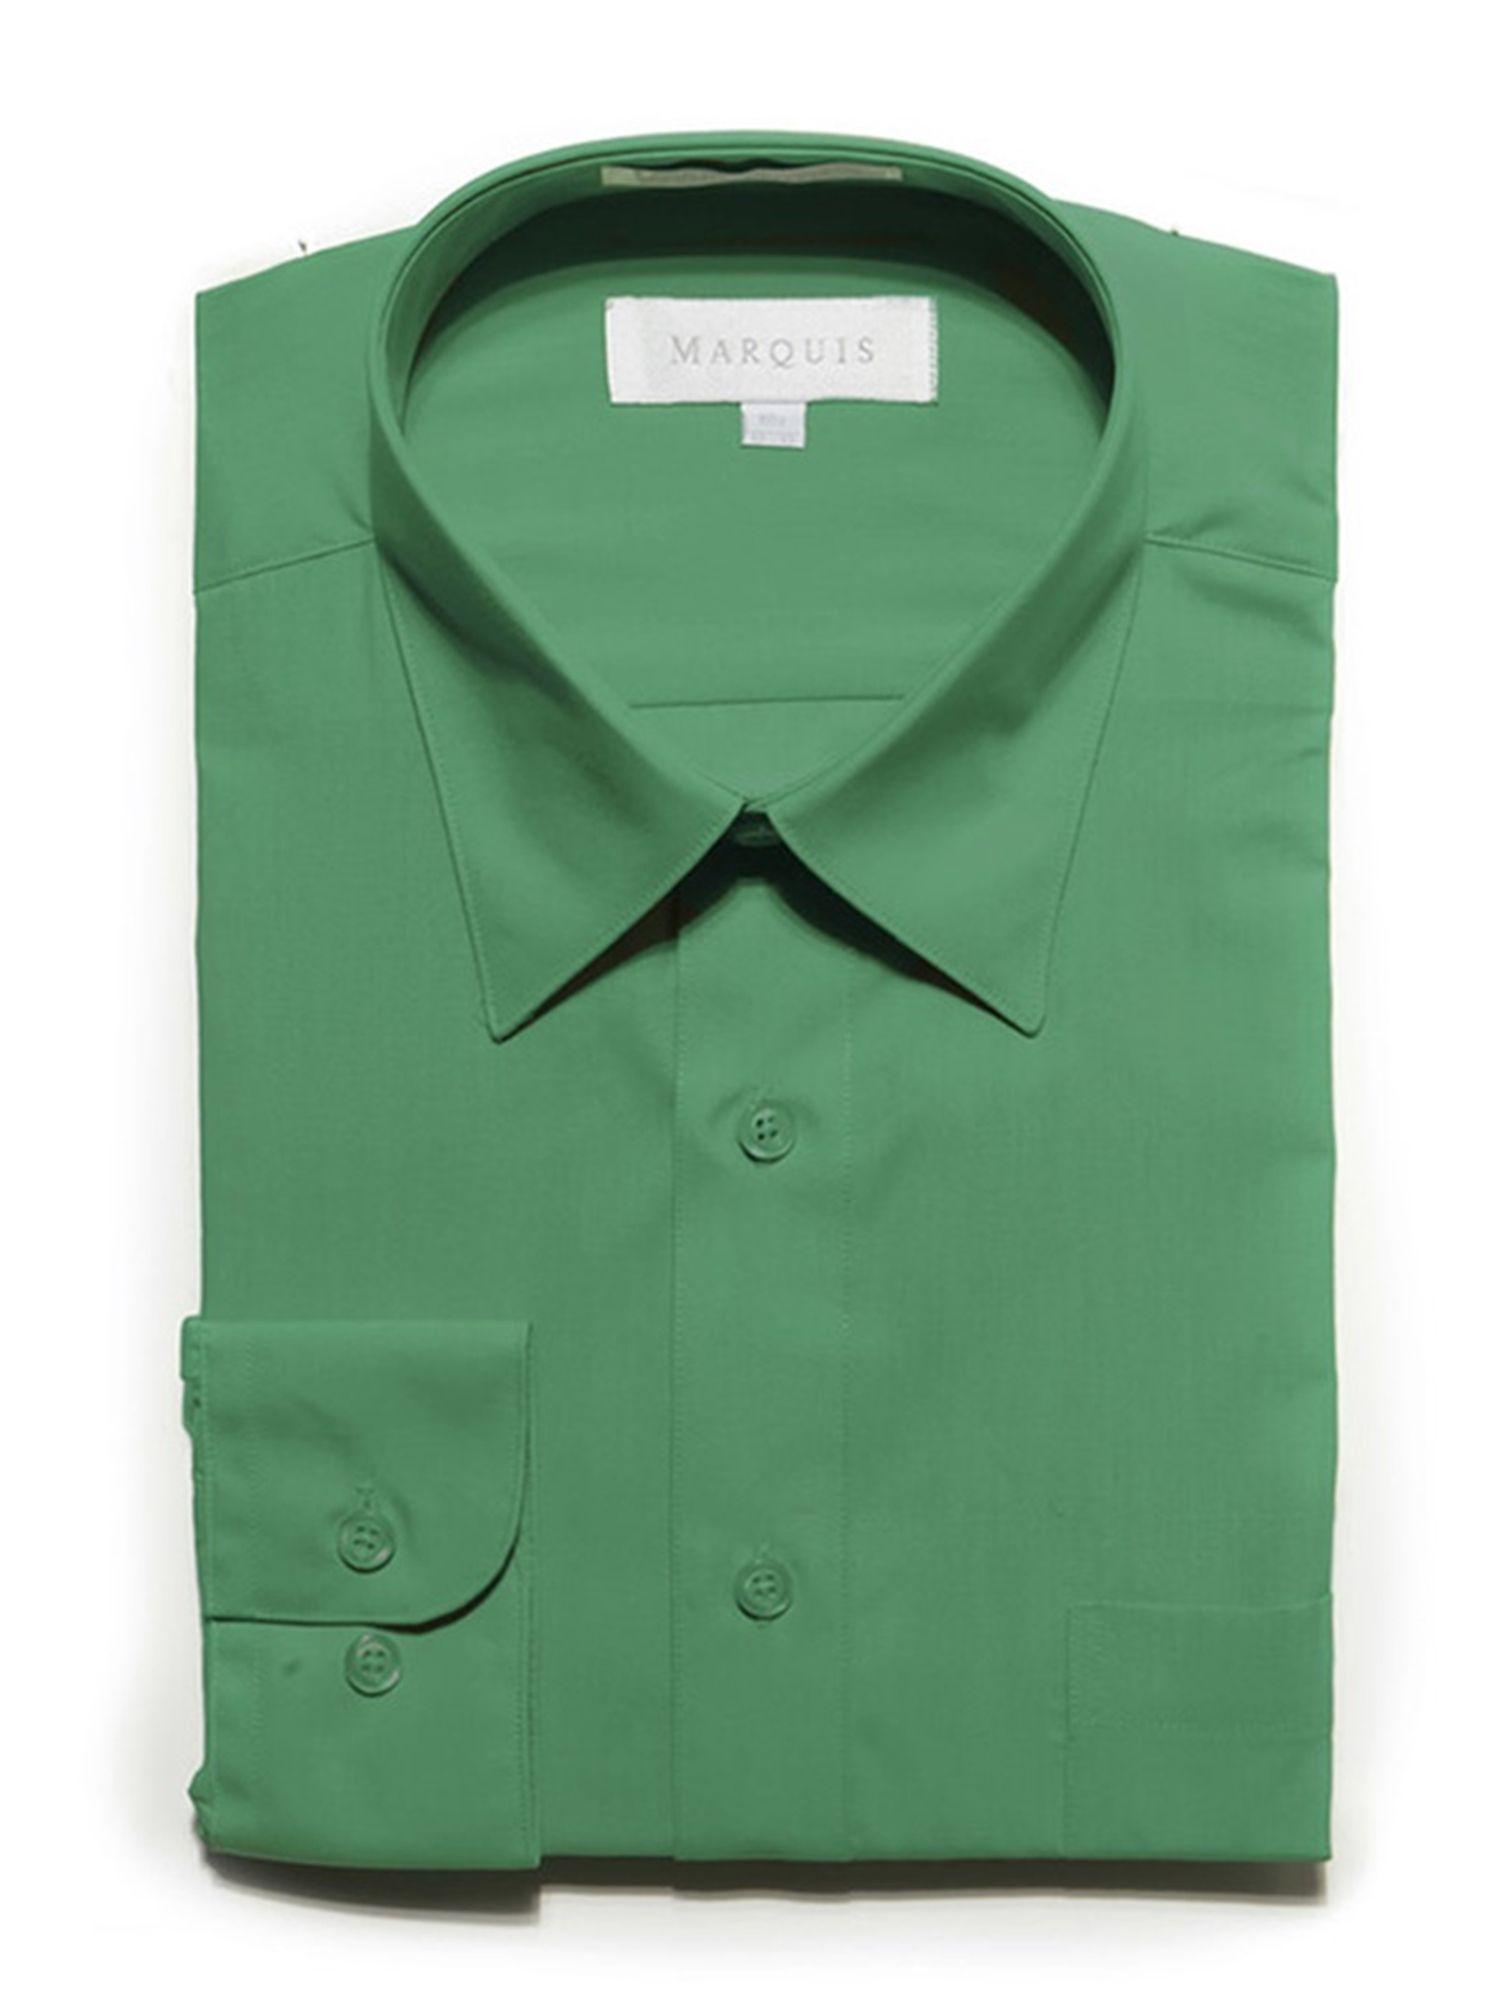 Marquis Marquis Men S Long Sleeve Regular Fit Dress Shirt Walmart Com Mens Shirt Dress Slim Fit Shirt Fitted Dress Shirts [ 2000 x 1500 Pixel ]